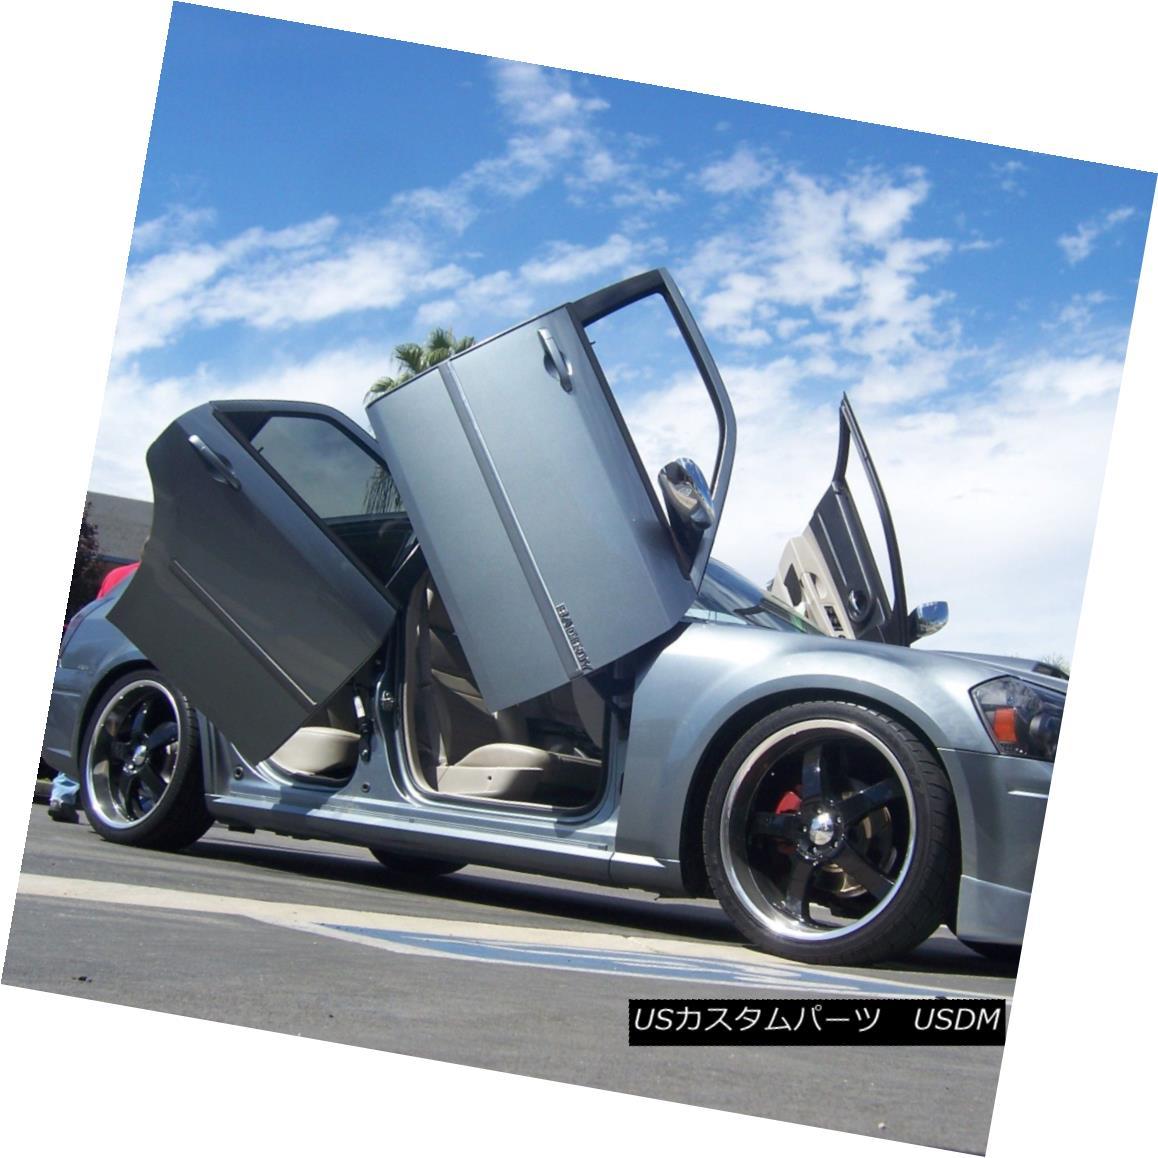 セール特価 ガルウィングキット VDI Dodge Magnum 2004-2008 Magnum Rear Door Bolt-On VDI Vertical VDI Lambo Doors VDI Dodge Magnum 2004-2008リアドアボルトオン式垂直ランボルフト, URBAN RESEARCH/アーバンリサーチ:6d25f889 --- blacktieclassic.com.au